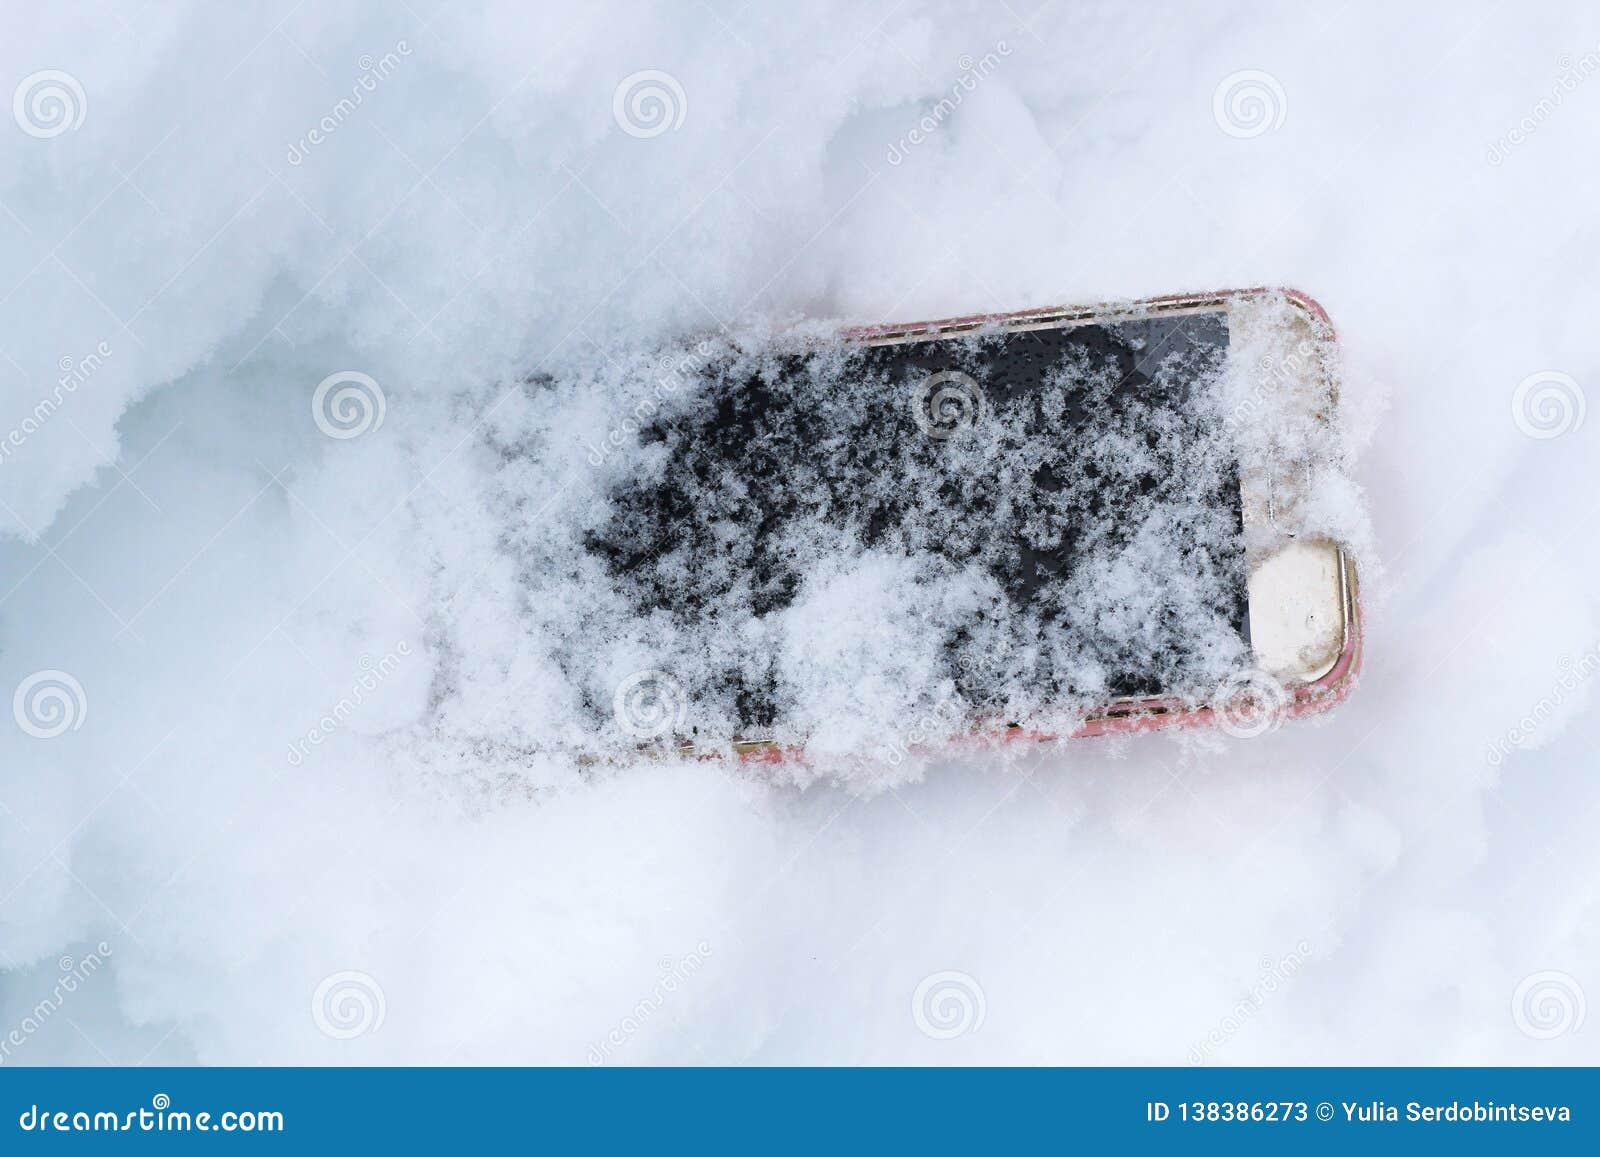 Мобильный телефон случайно упал вне и выпаданный из ускорения в снеге